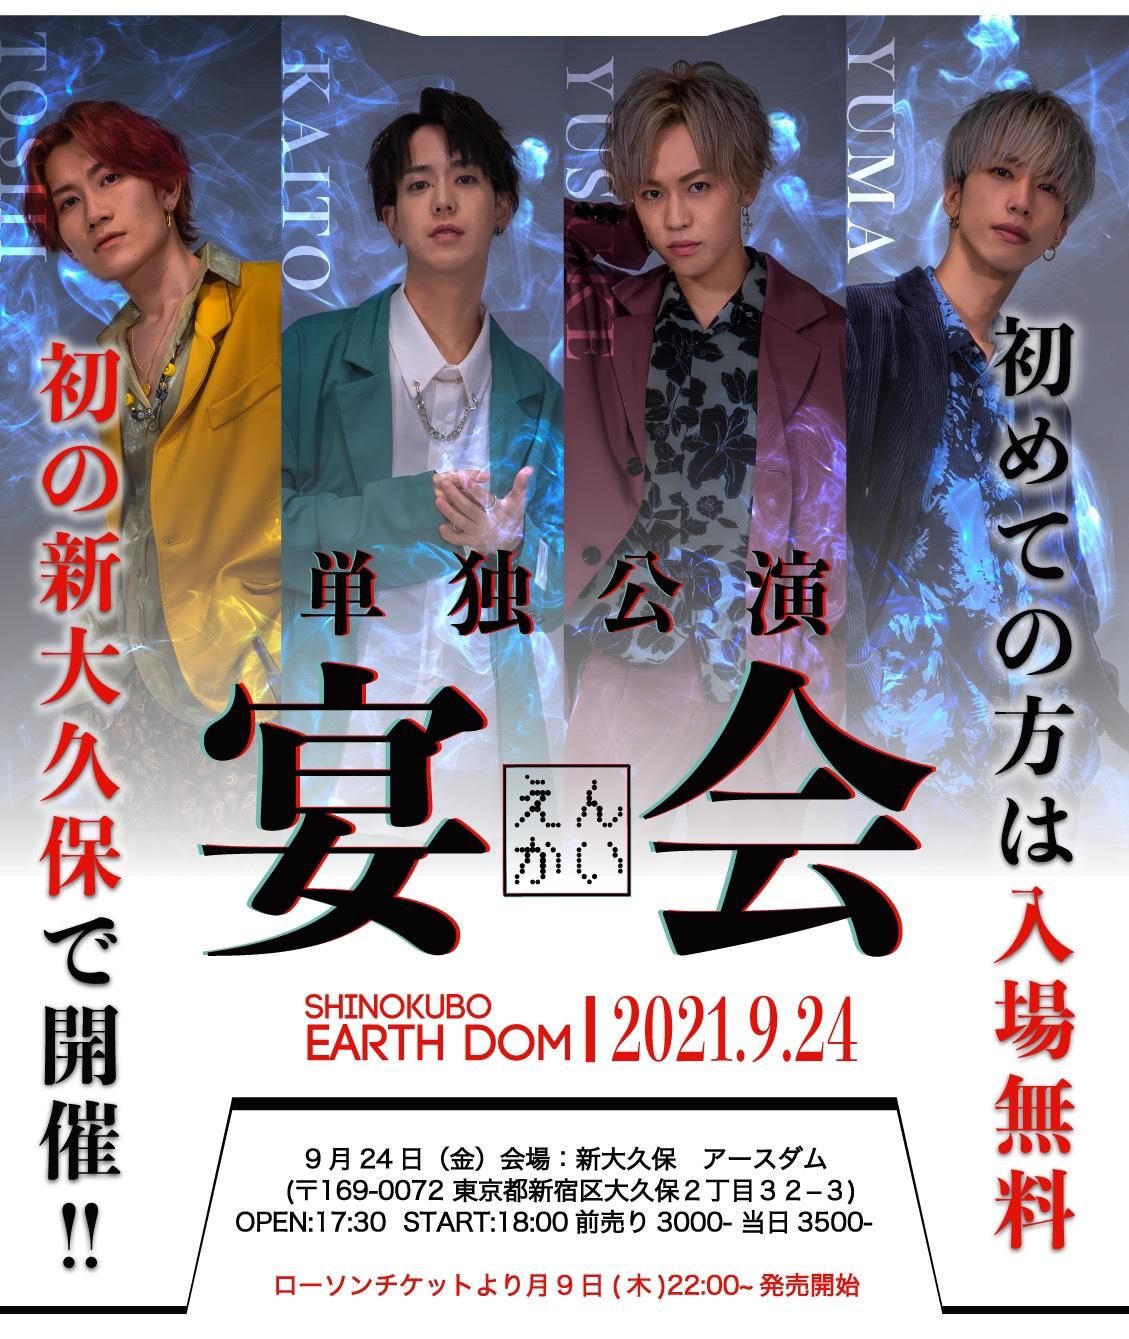 単独公演 宴会 -東京公演-